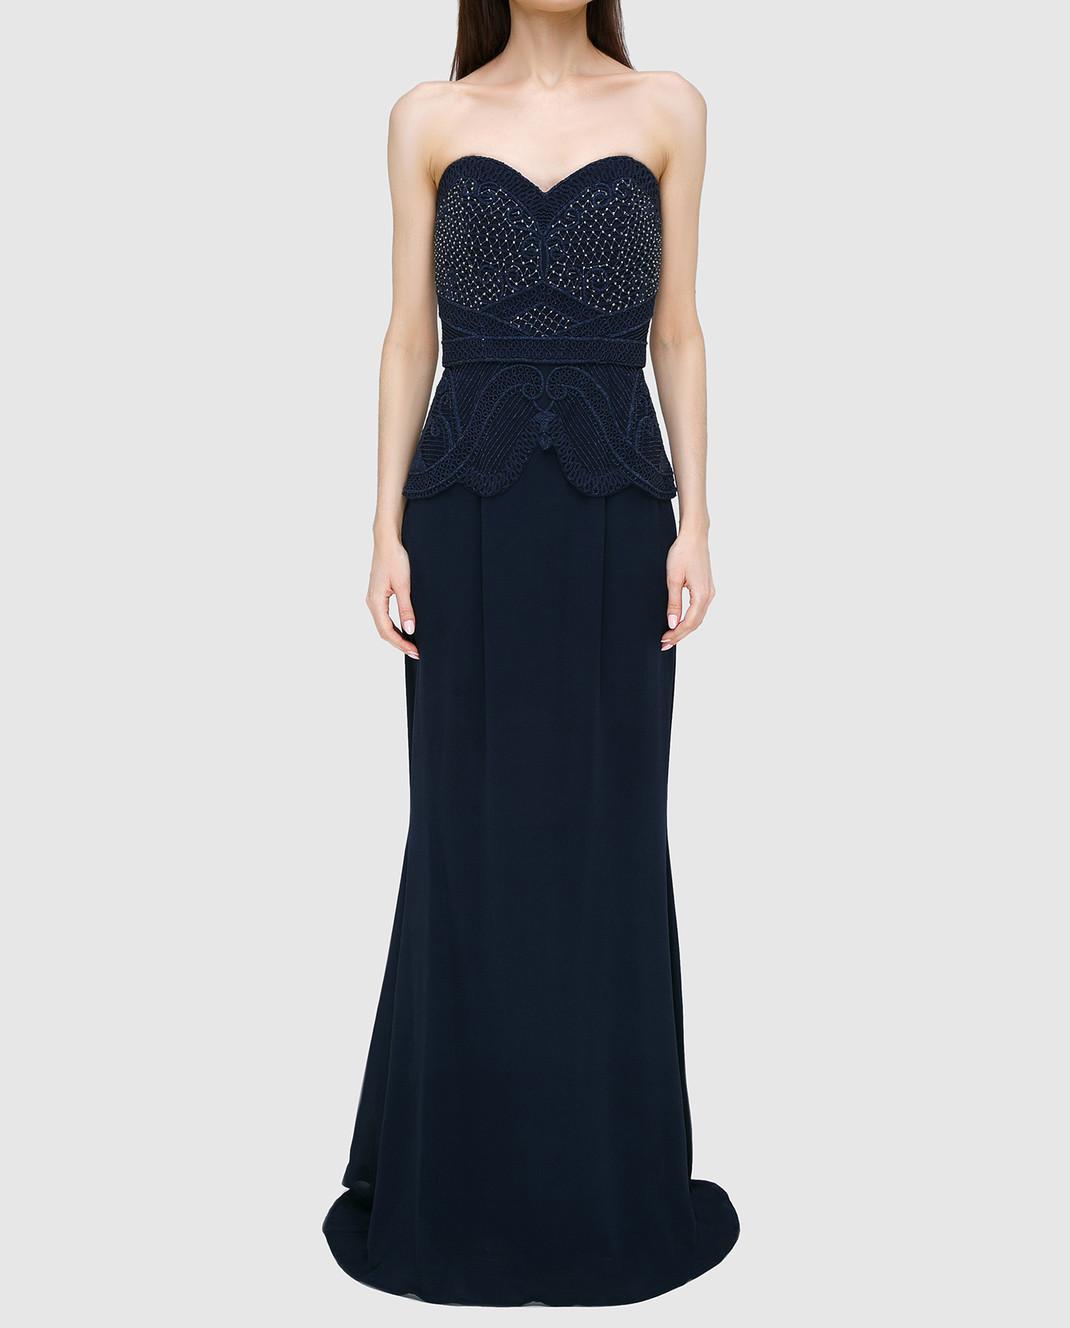 Rachel Gilbert Темно-синее платье из шелка 60014 изображение 3